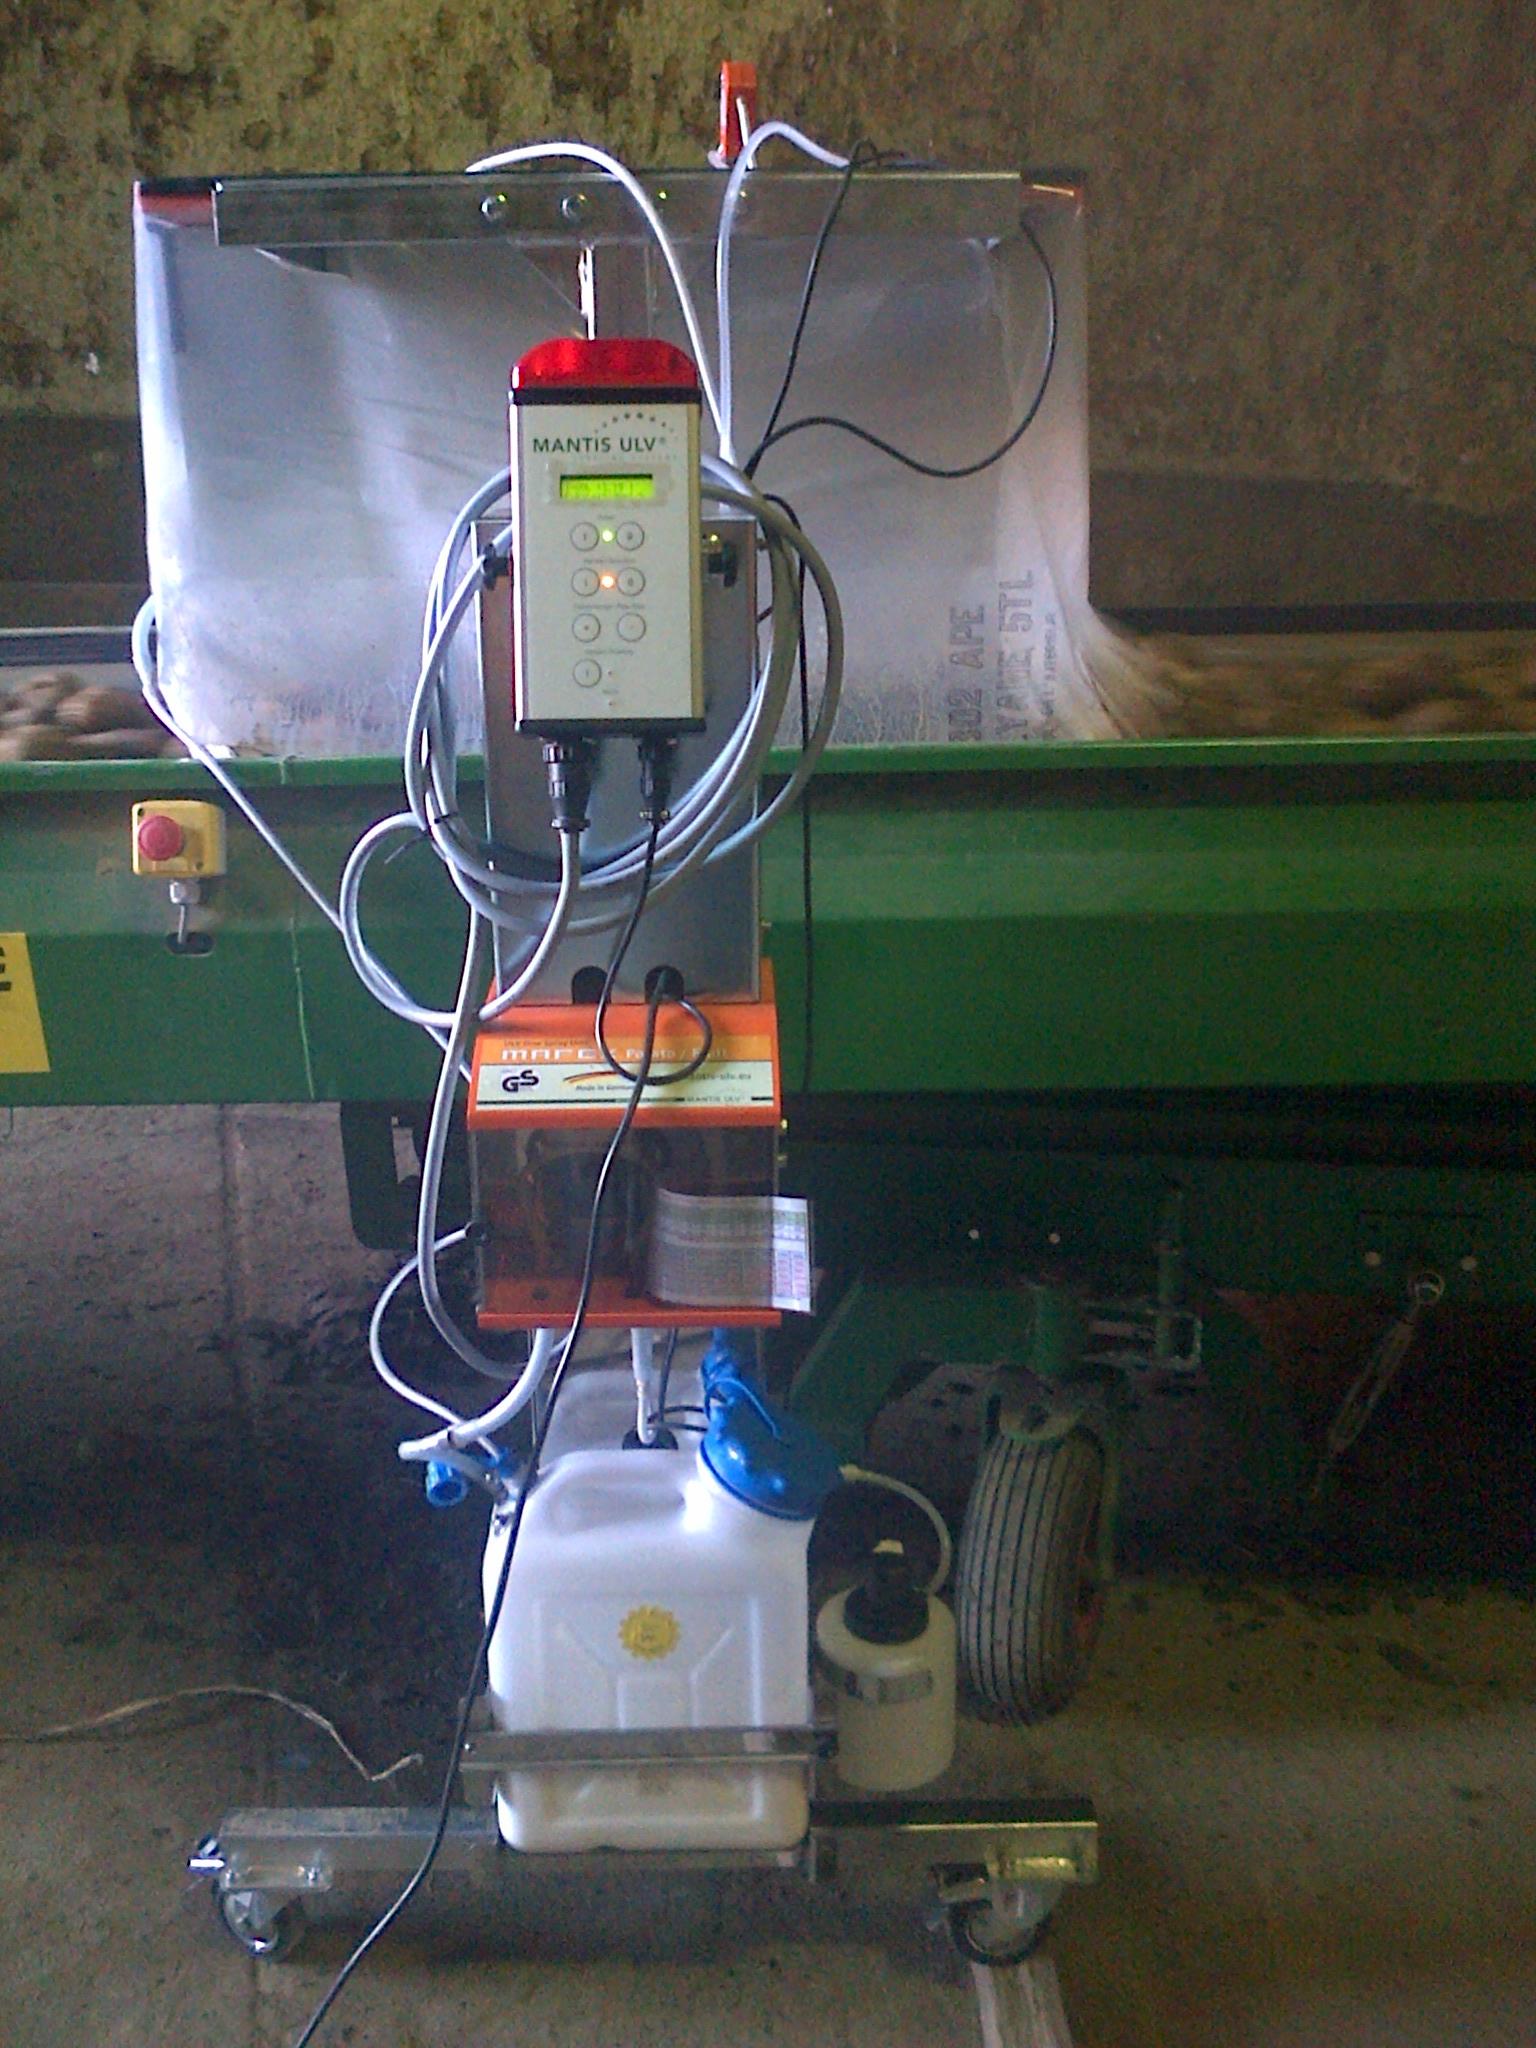 Mafex pomme de terre pulv risation liquide cipc fongicide - Traitement pomme de terre ...